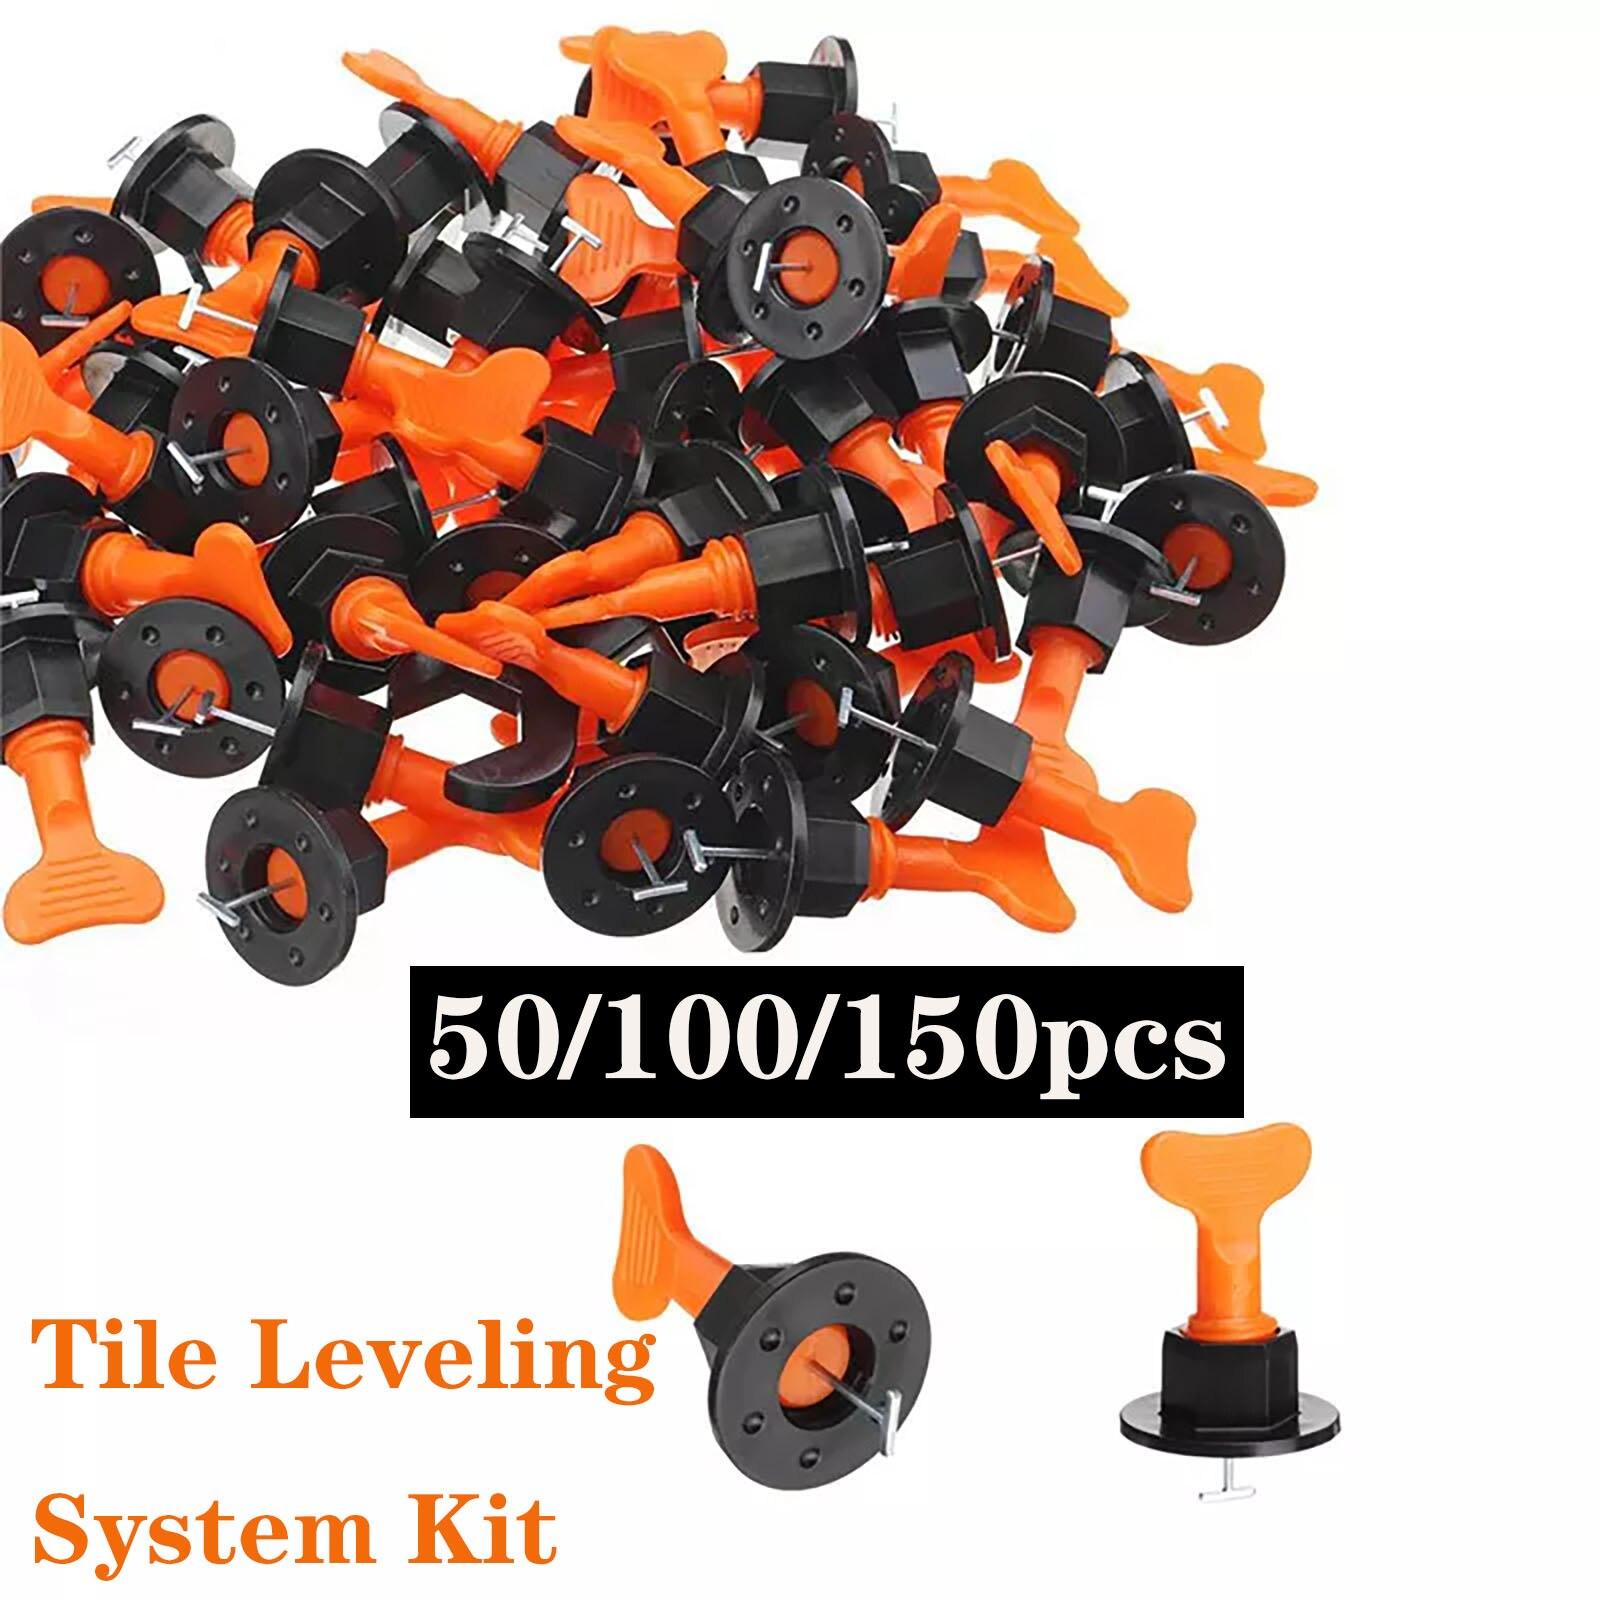 150pcs/set Level Wedges Tile Spacers For Flooring Wall Tile Spacer Carrelage Tile Leveling System Leveler Locator Spacers Plier